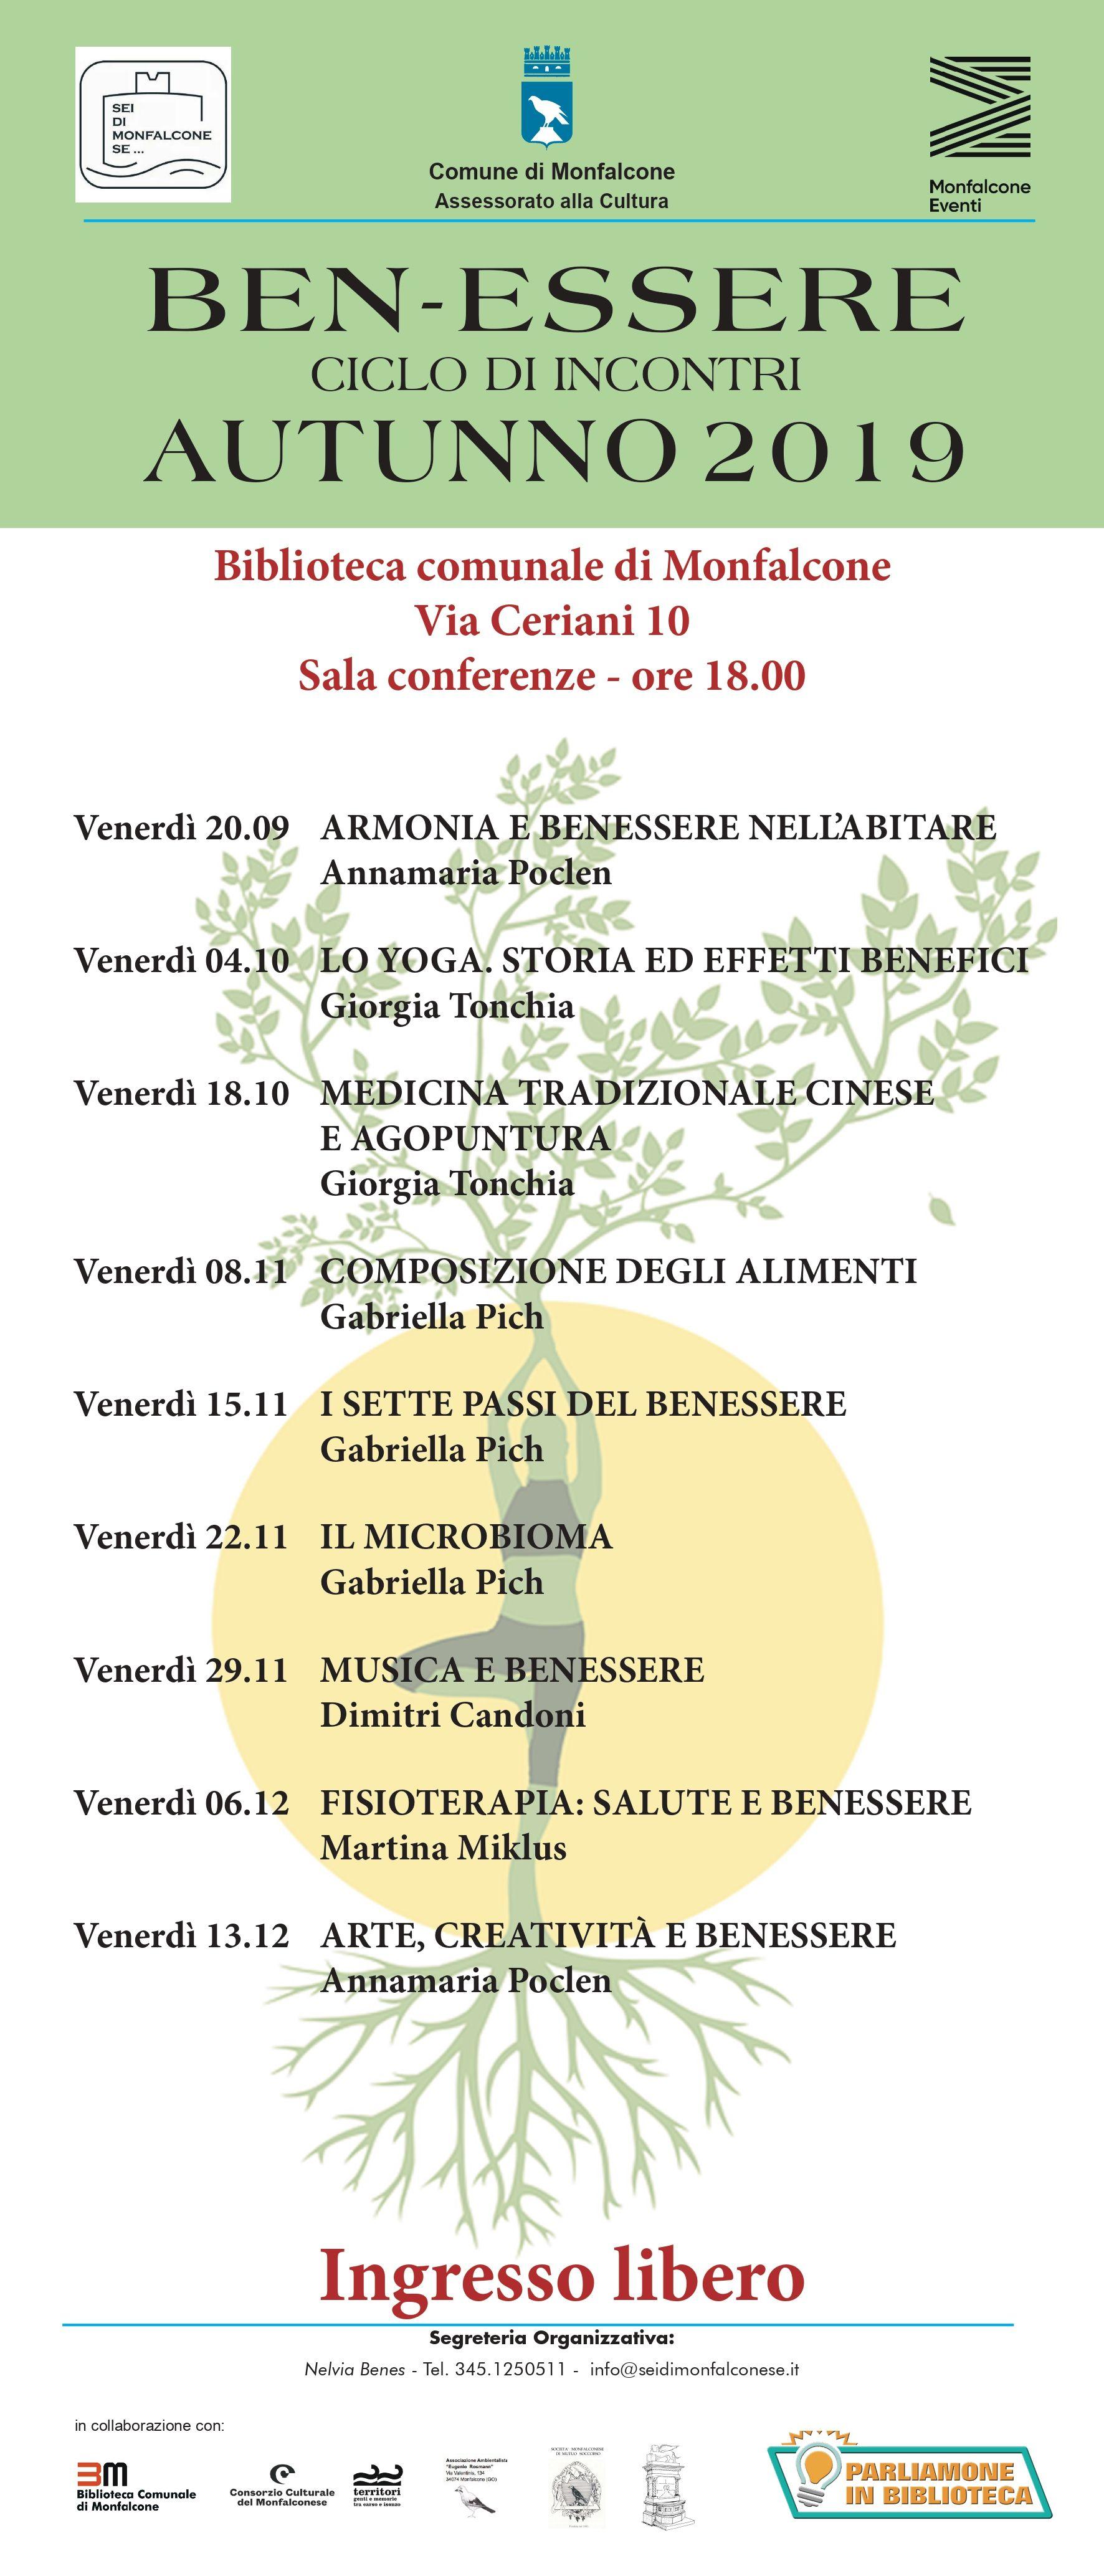 I Sette Passi Del Benessere Consorzio Culturale Del Monfalconese